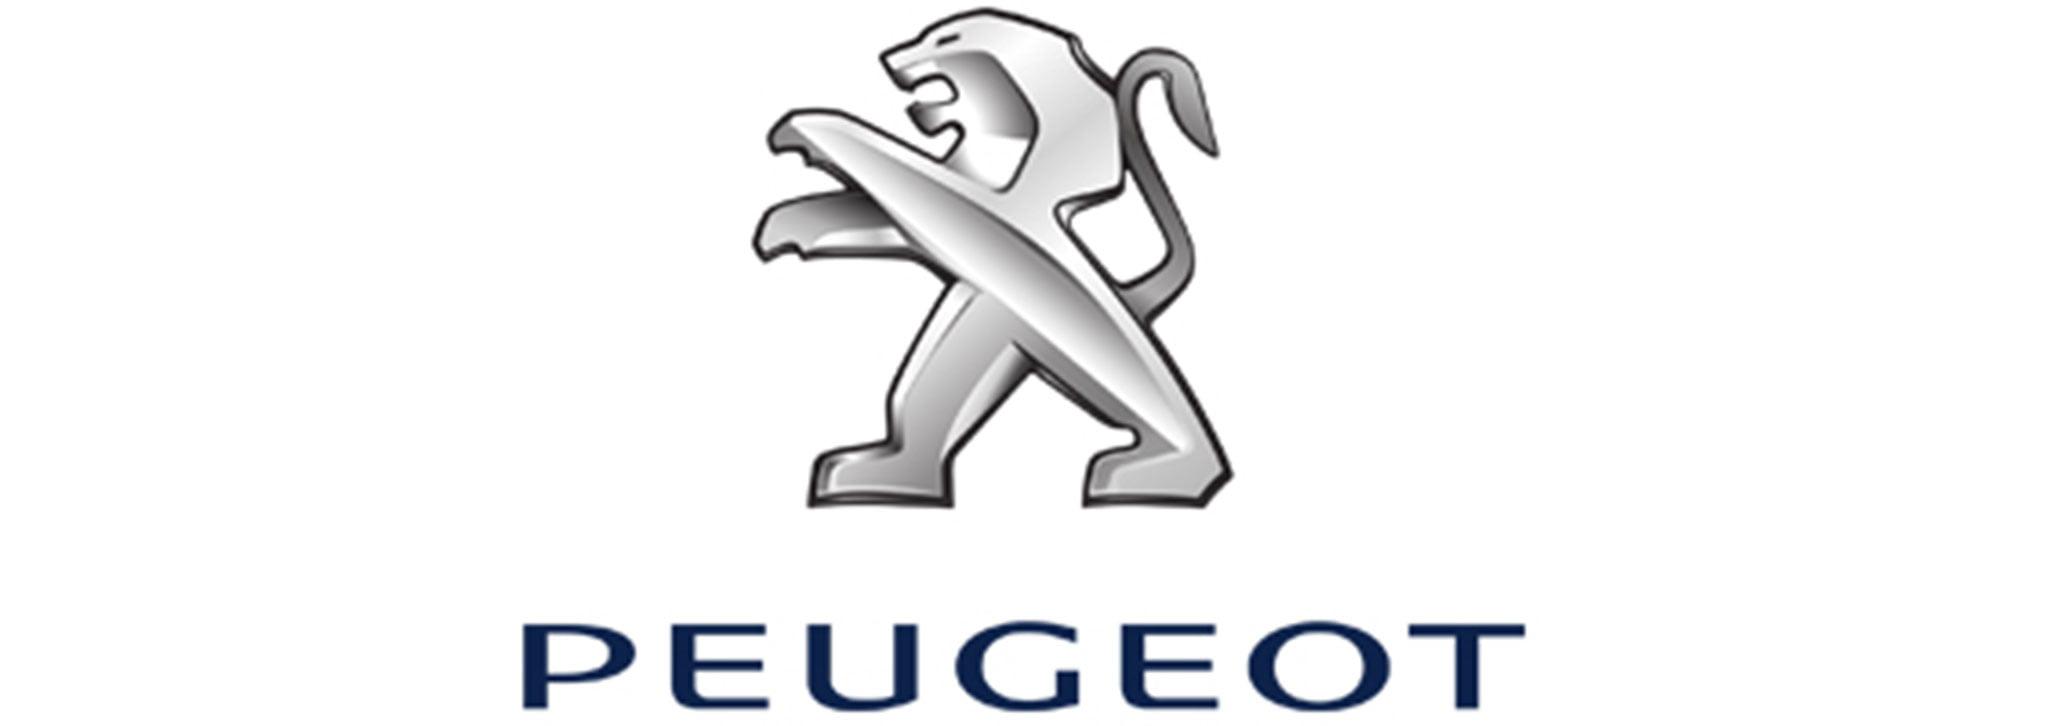 Logotipo de Peugeot